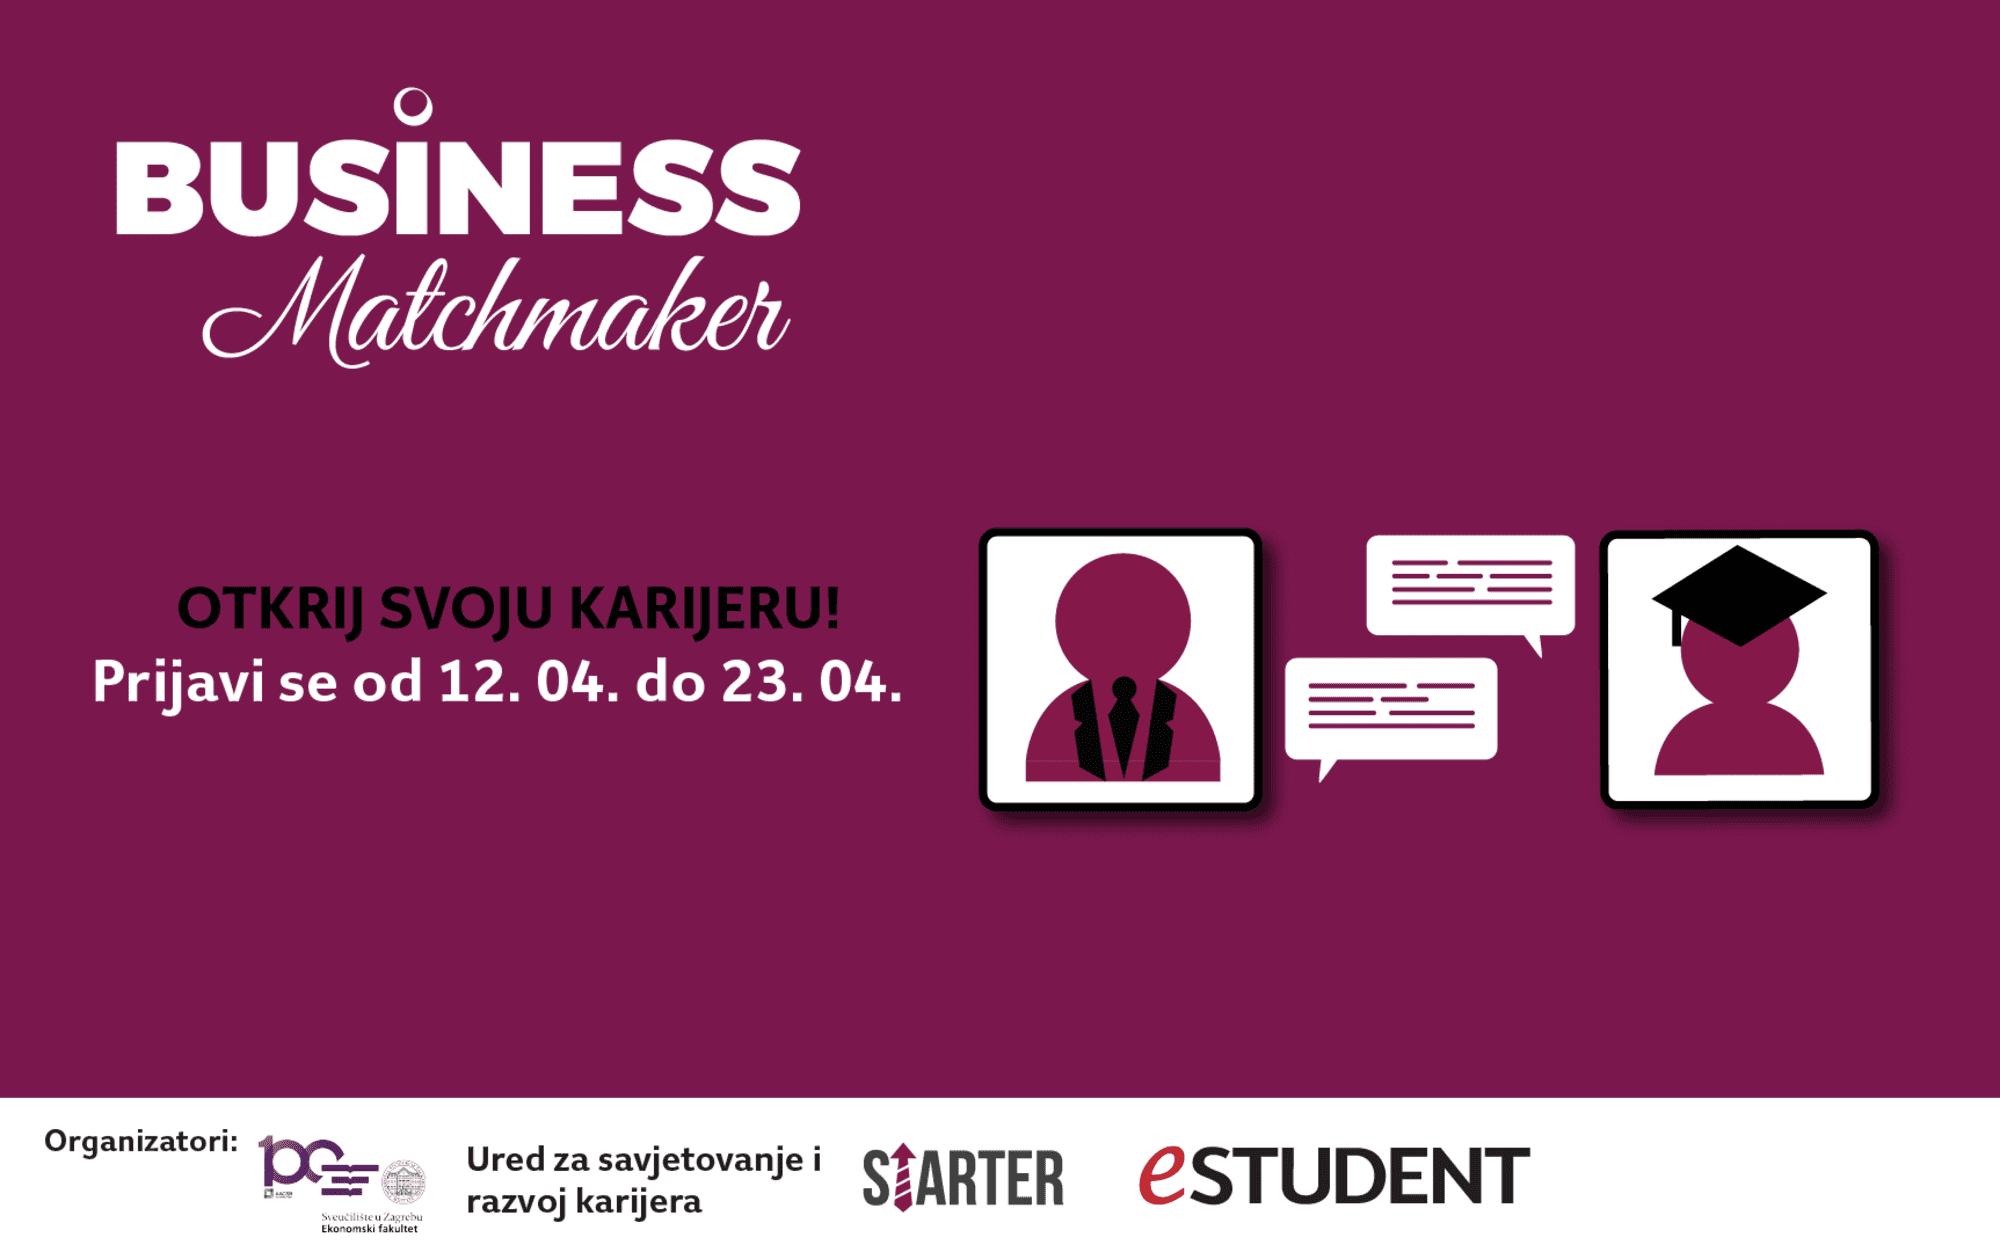 Priprema, pozor – otvorene su prijave za Business Matchmaker!